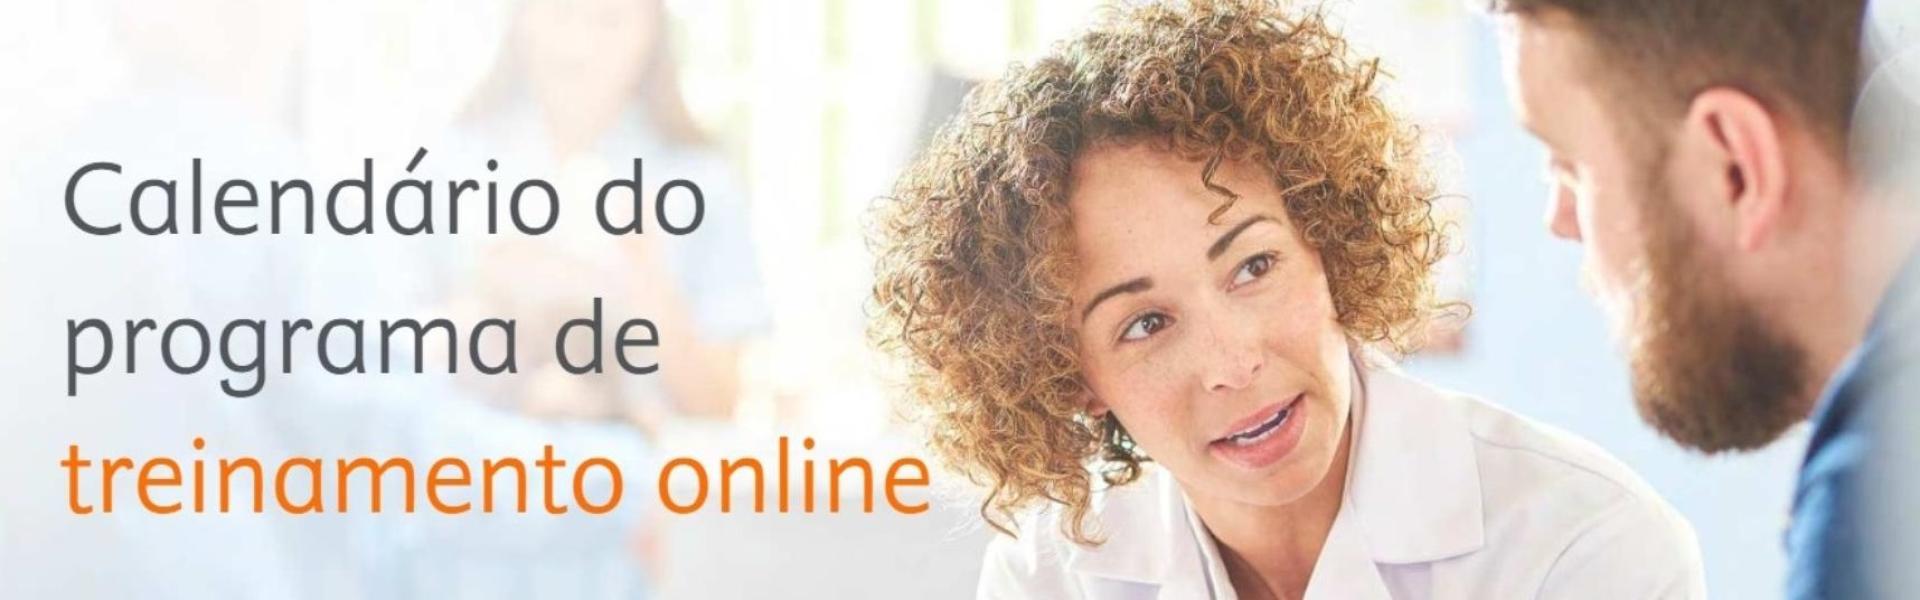 Sessões de formação online da ClinicalKey e ClinicalKey Student